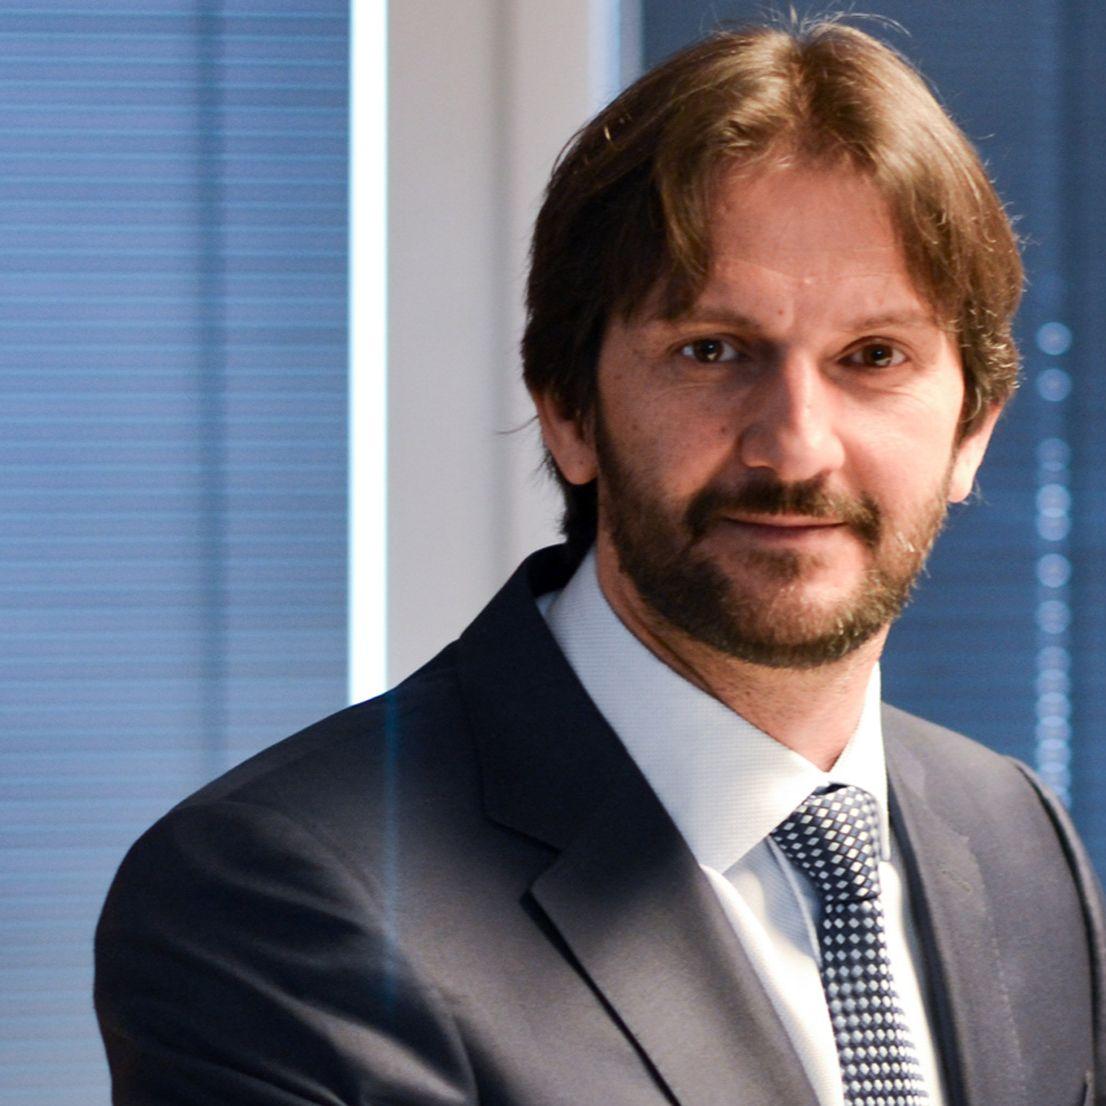 Robert Kaliňák - Razie a zadržiavanie nominantov Smeru je politickou objednávkou súčasnej vlády